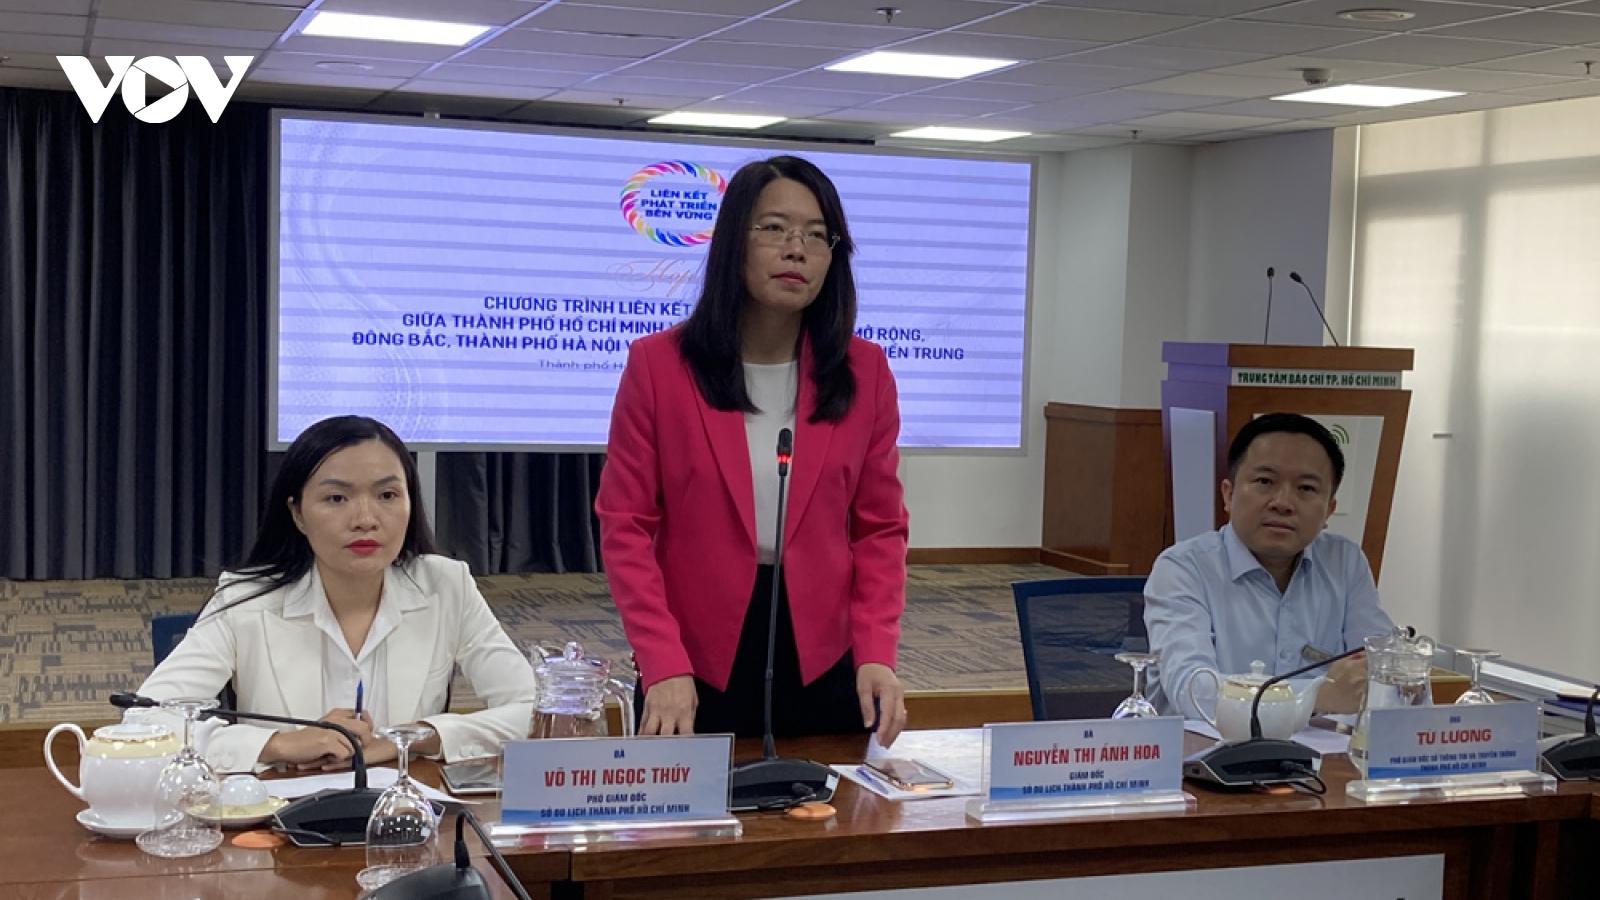 Bắt tay liên kết du lịch TP.HCM với khu vực Đông Bắc, Tây Bắc và miền Trung